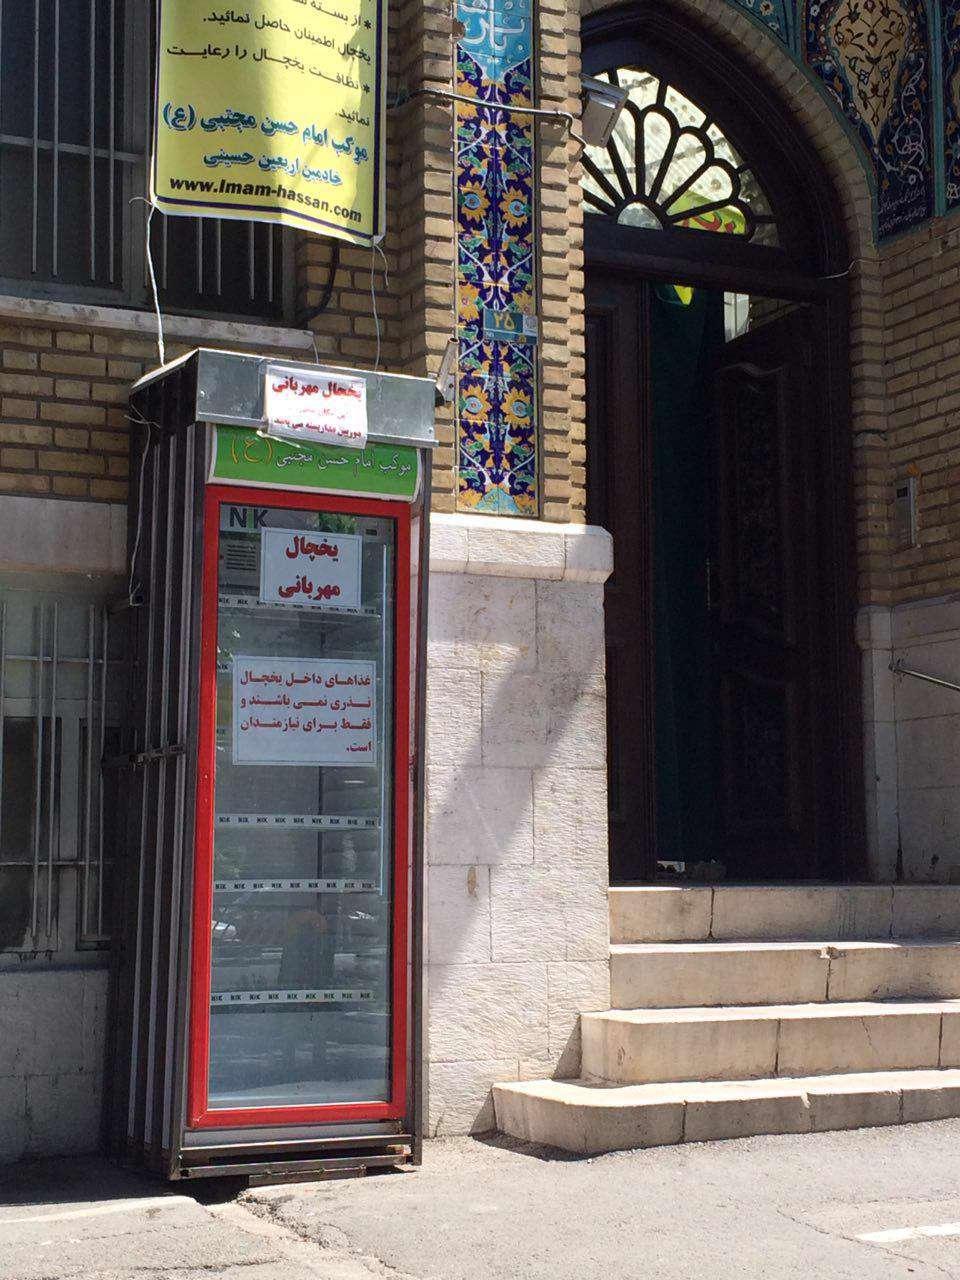 يخچال مهربانی در يكی از مساجد تهران